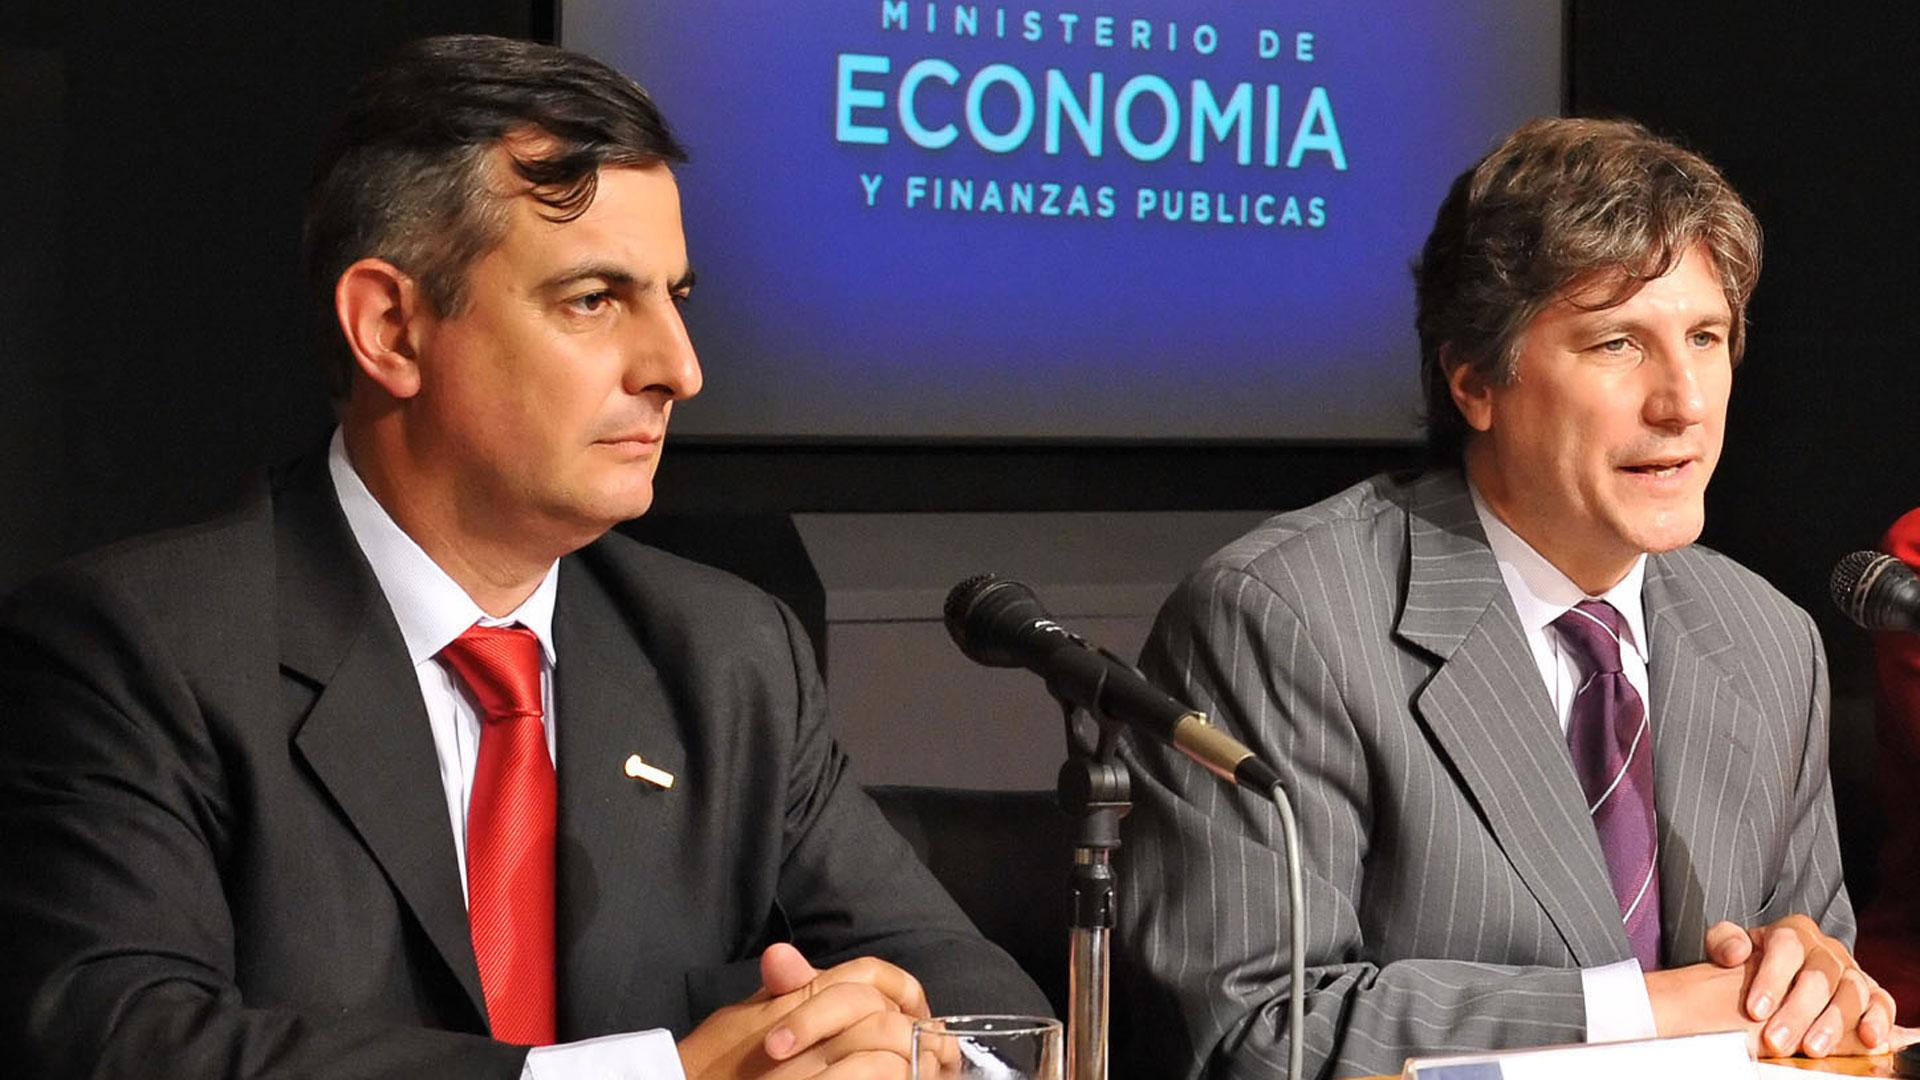 Reposo y Boudou, ambos serán juzgados por la compra de los autos para el Ministerio de Economía (NA)